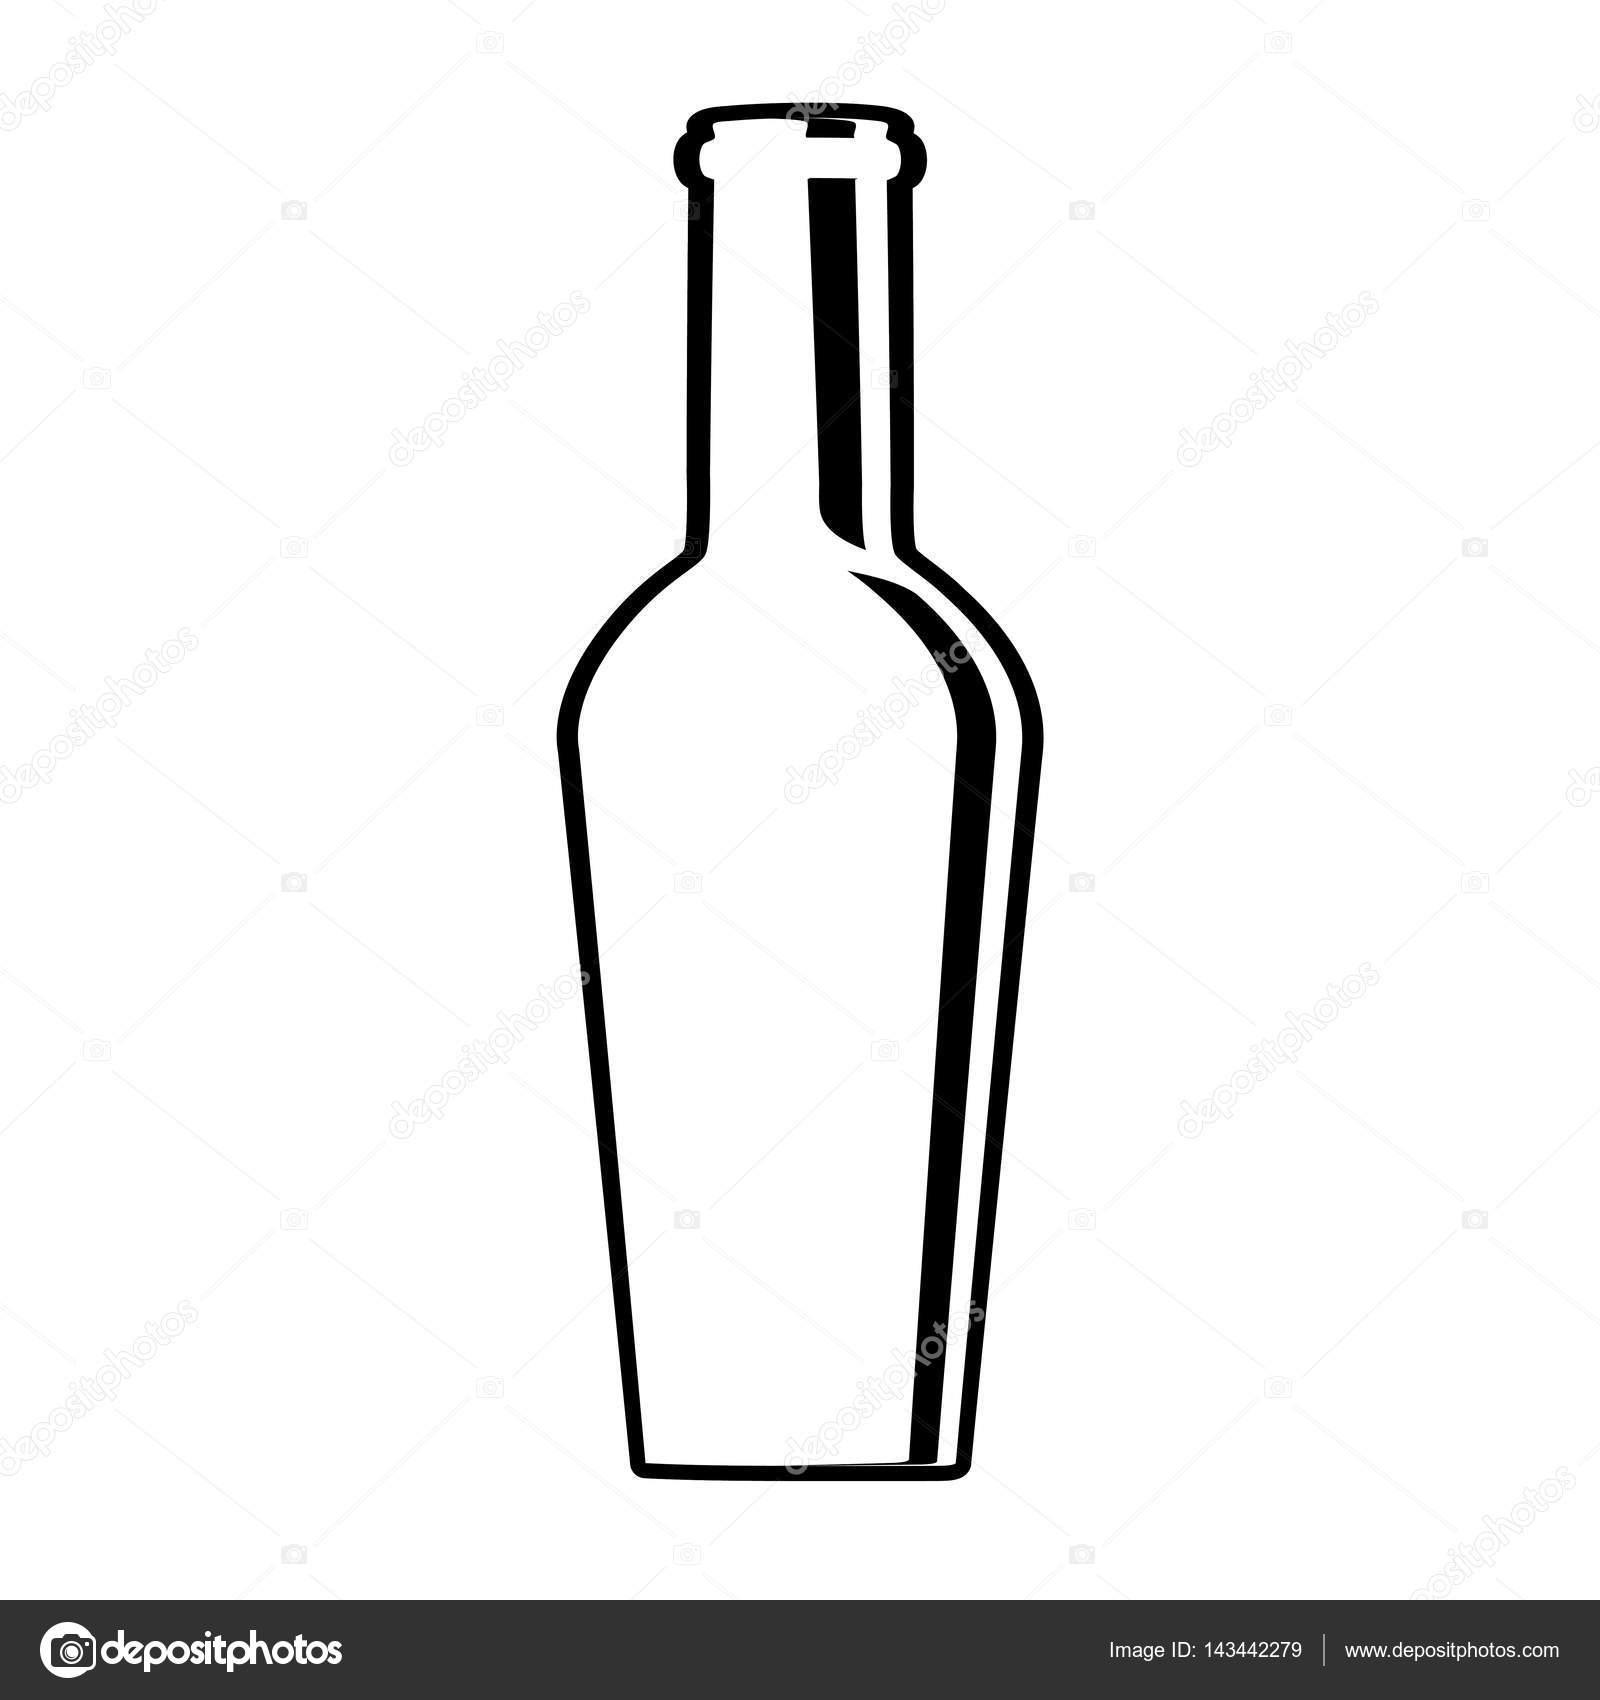 verre design de la bouteille de vin — image vectorielle djv © #143442279